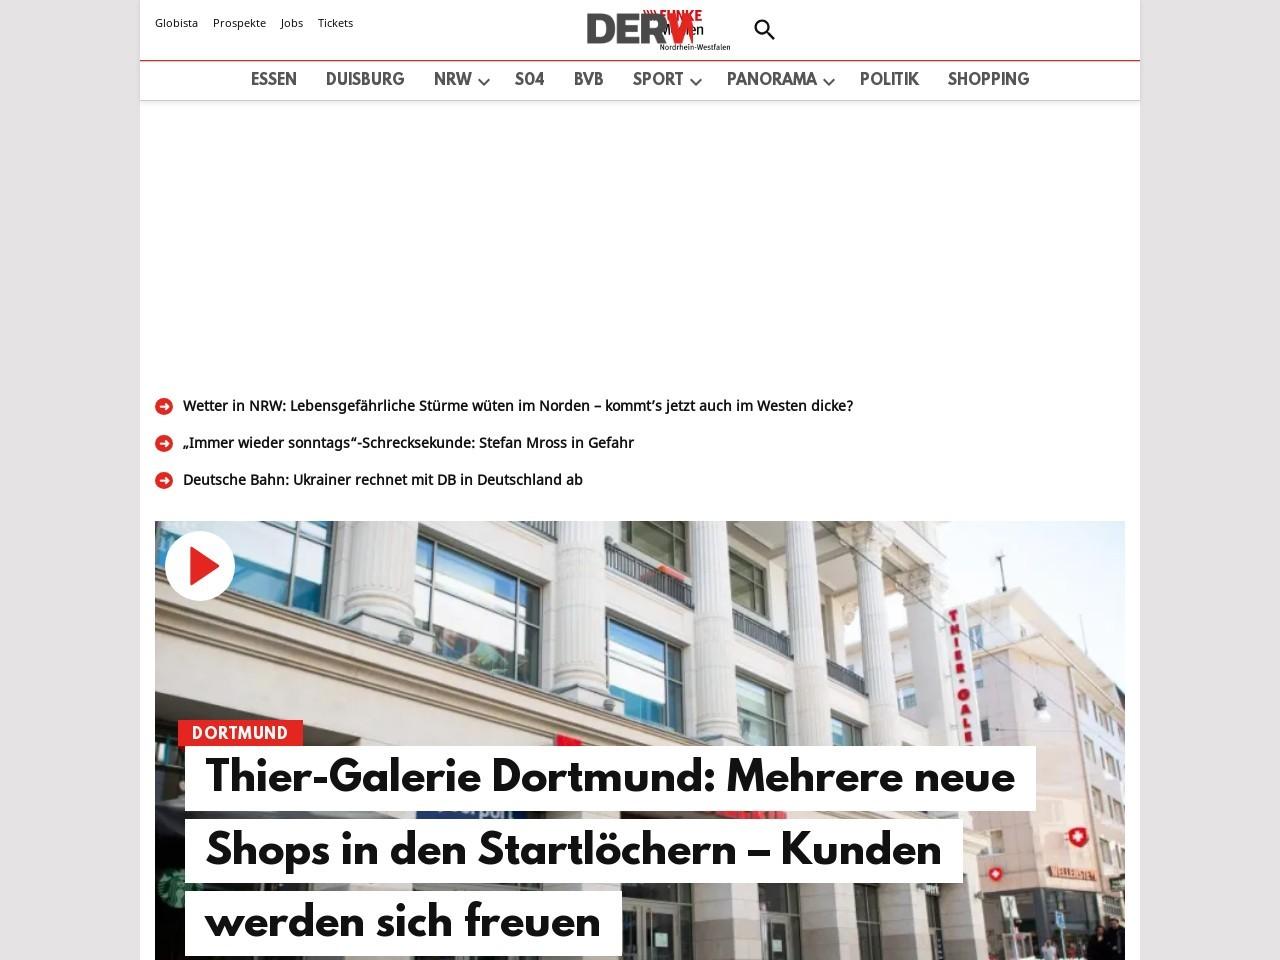 http://www.derwesten.de/staedte/herdecke/Laerm-und-Staub-bald-unterm-Dach-id2832685.html